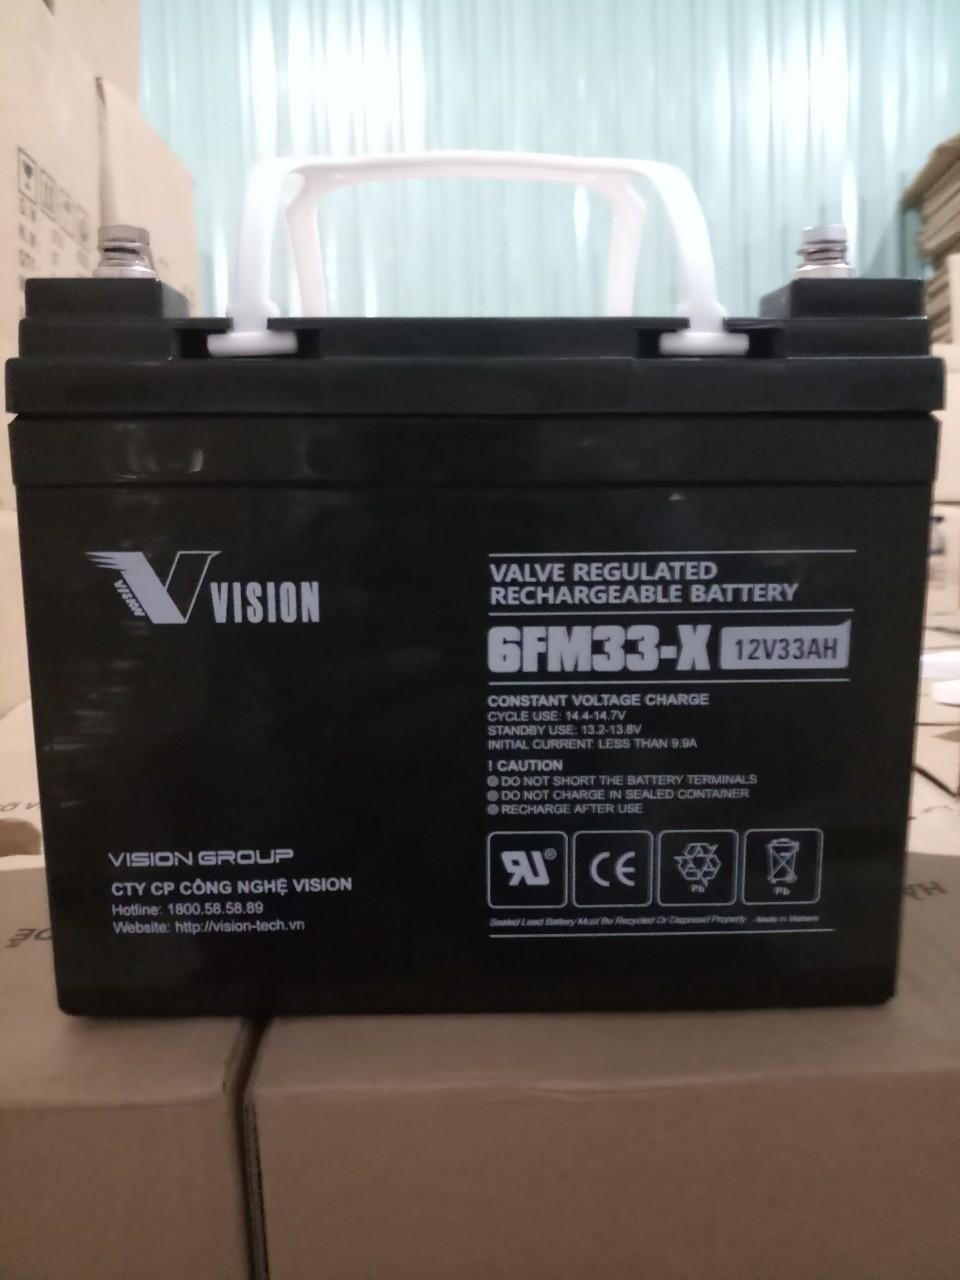 Binh ắc quy Vision 12V-33AH 6FM33-X